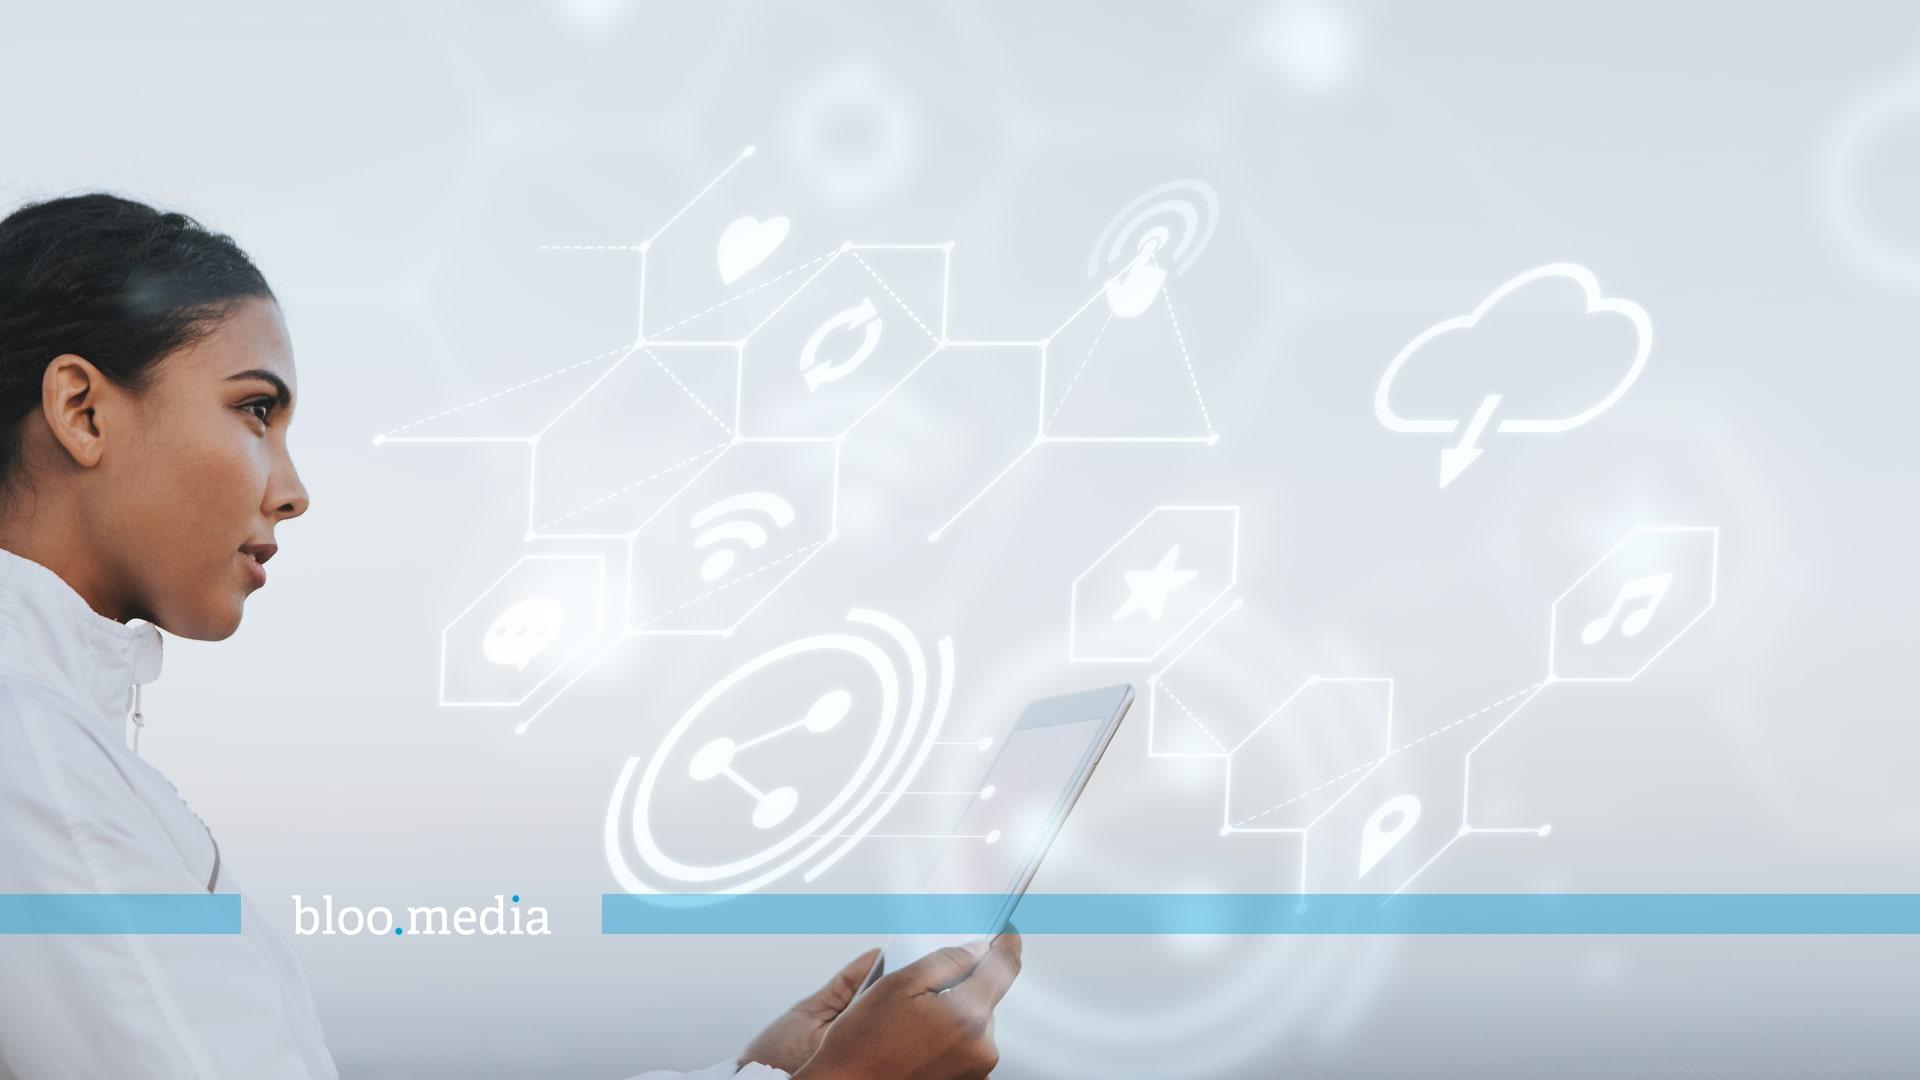 ¿Qué es el Data Science y cómo puede ayudar a tu negocio?